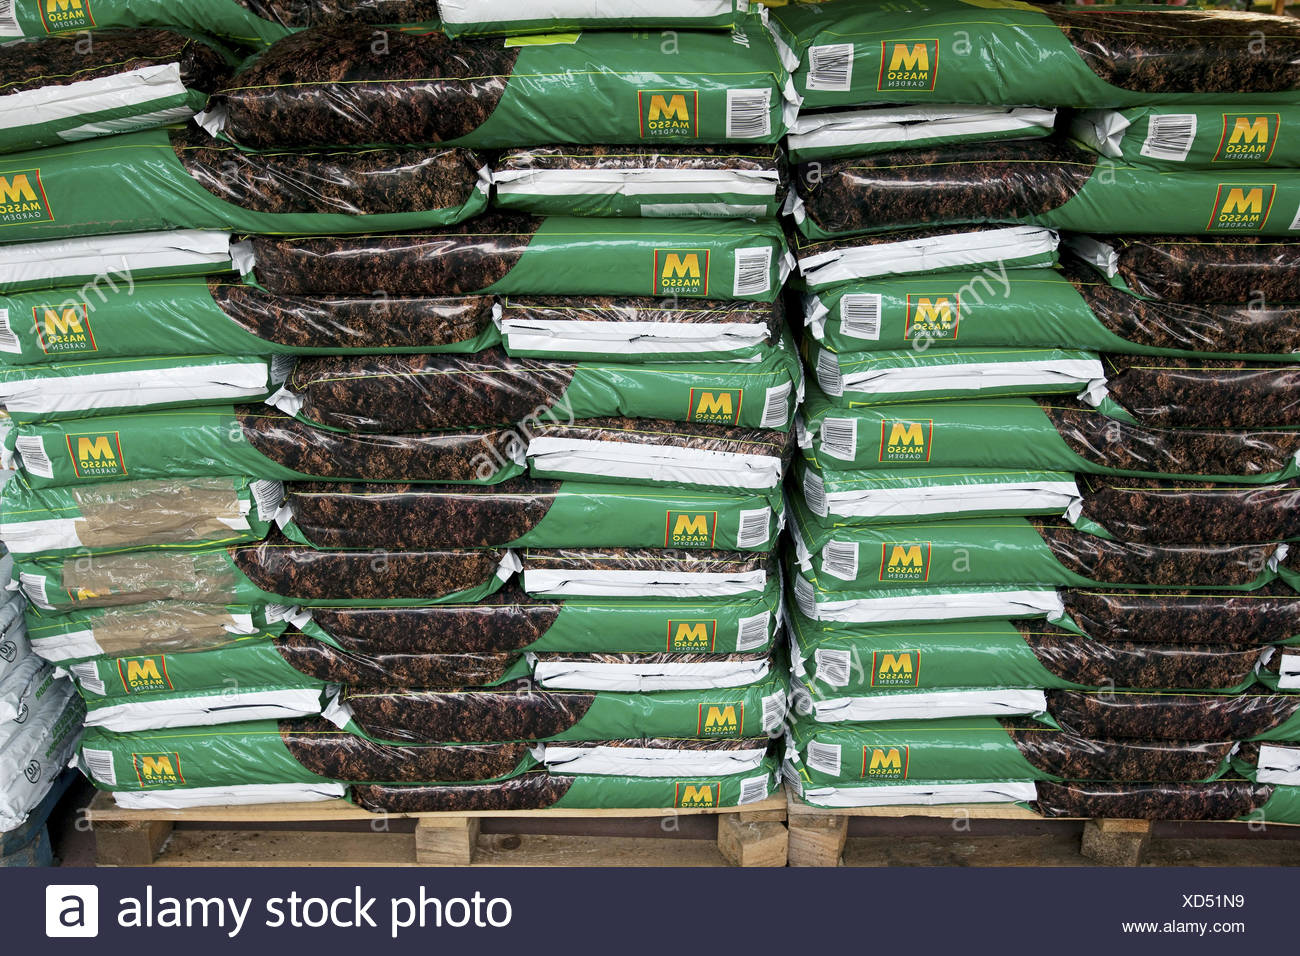 Sacs of gardening soil - Stock Image